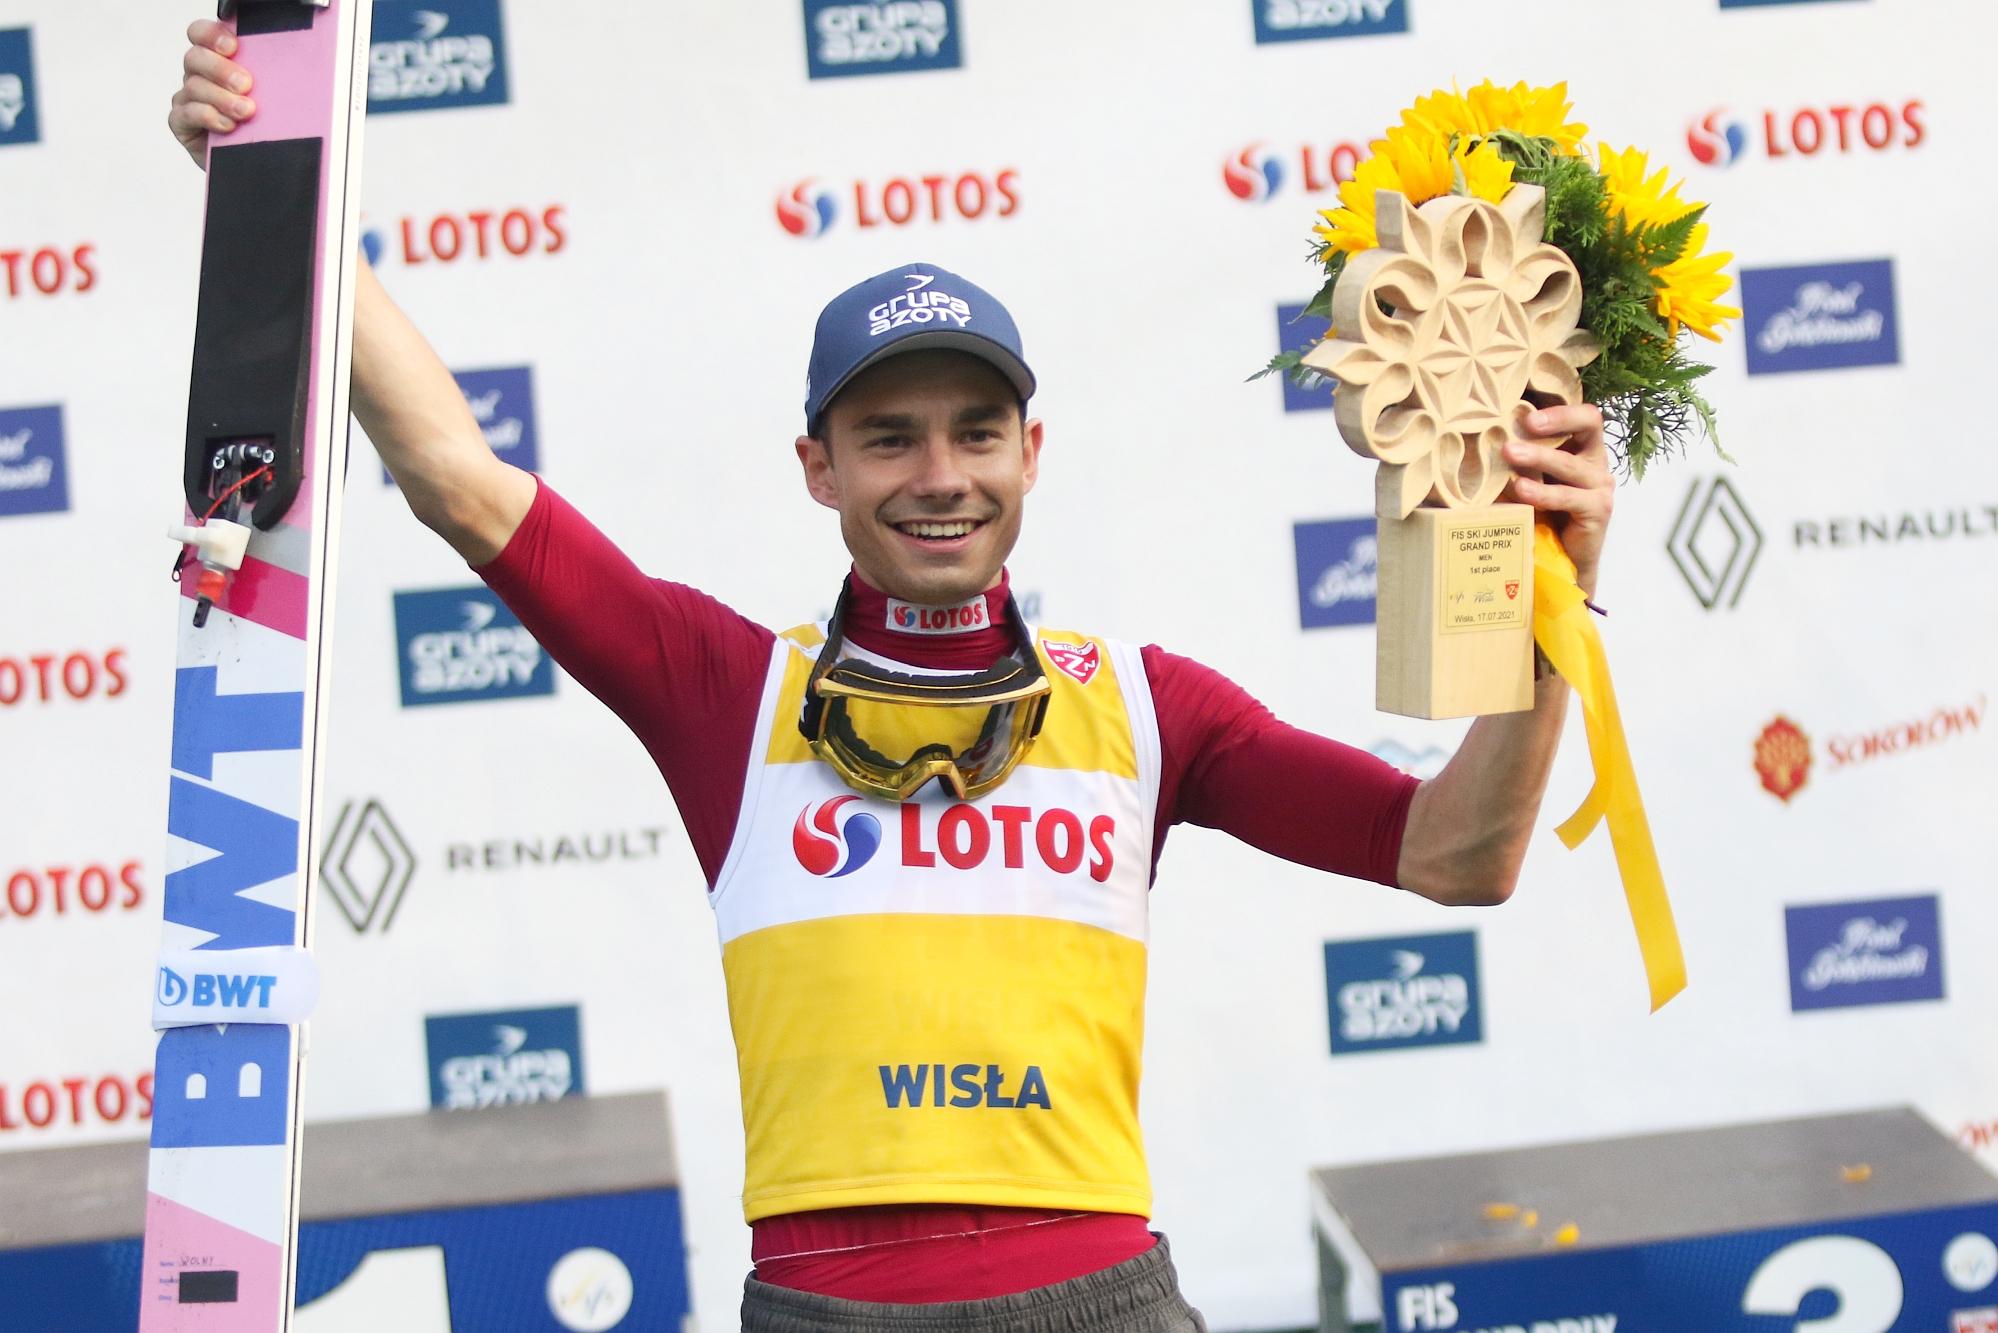 You are currently viewing LGP Wisła: Jakub Wolny wygrywa sobotni konkurs, Dawid Kubacki też na podium!